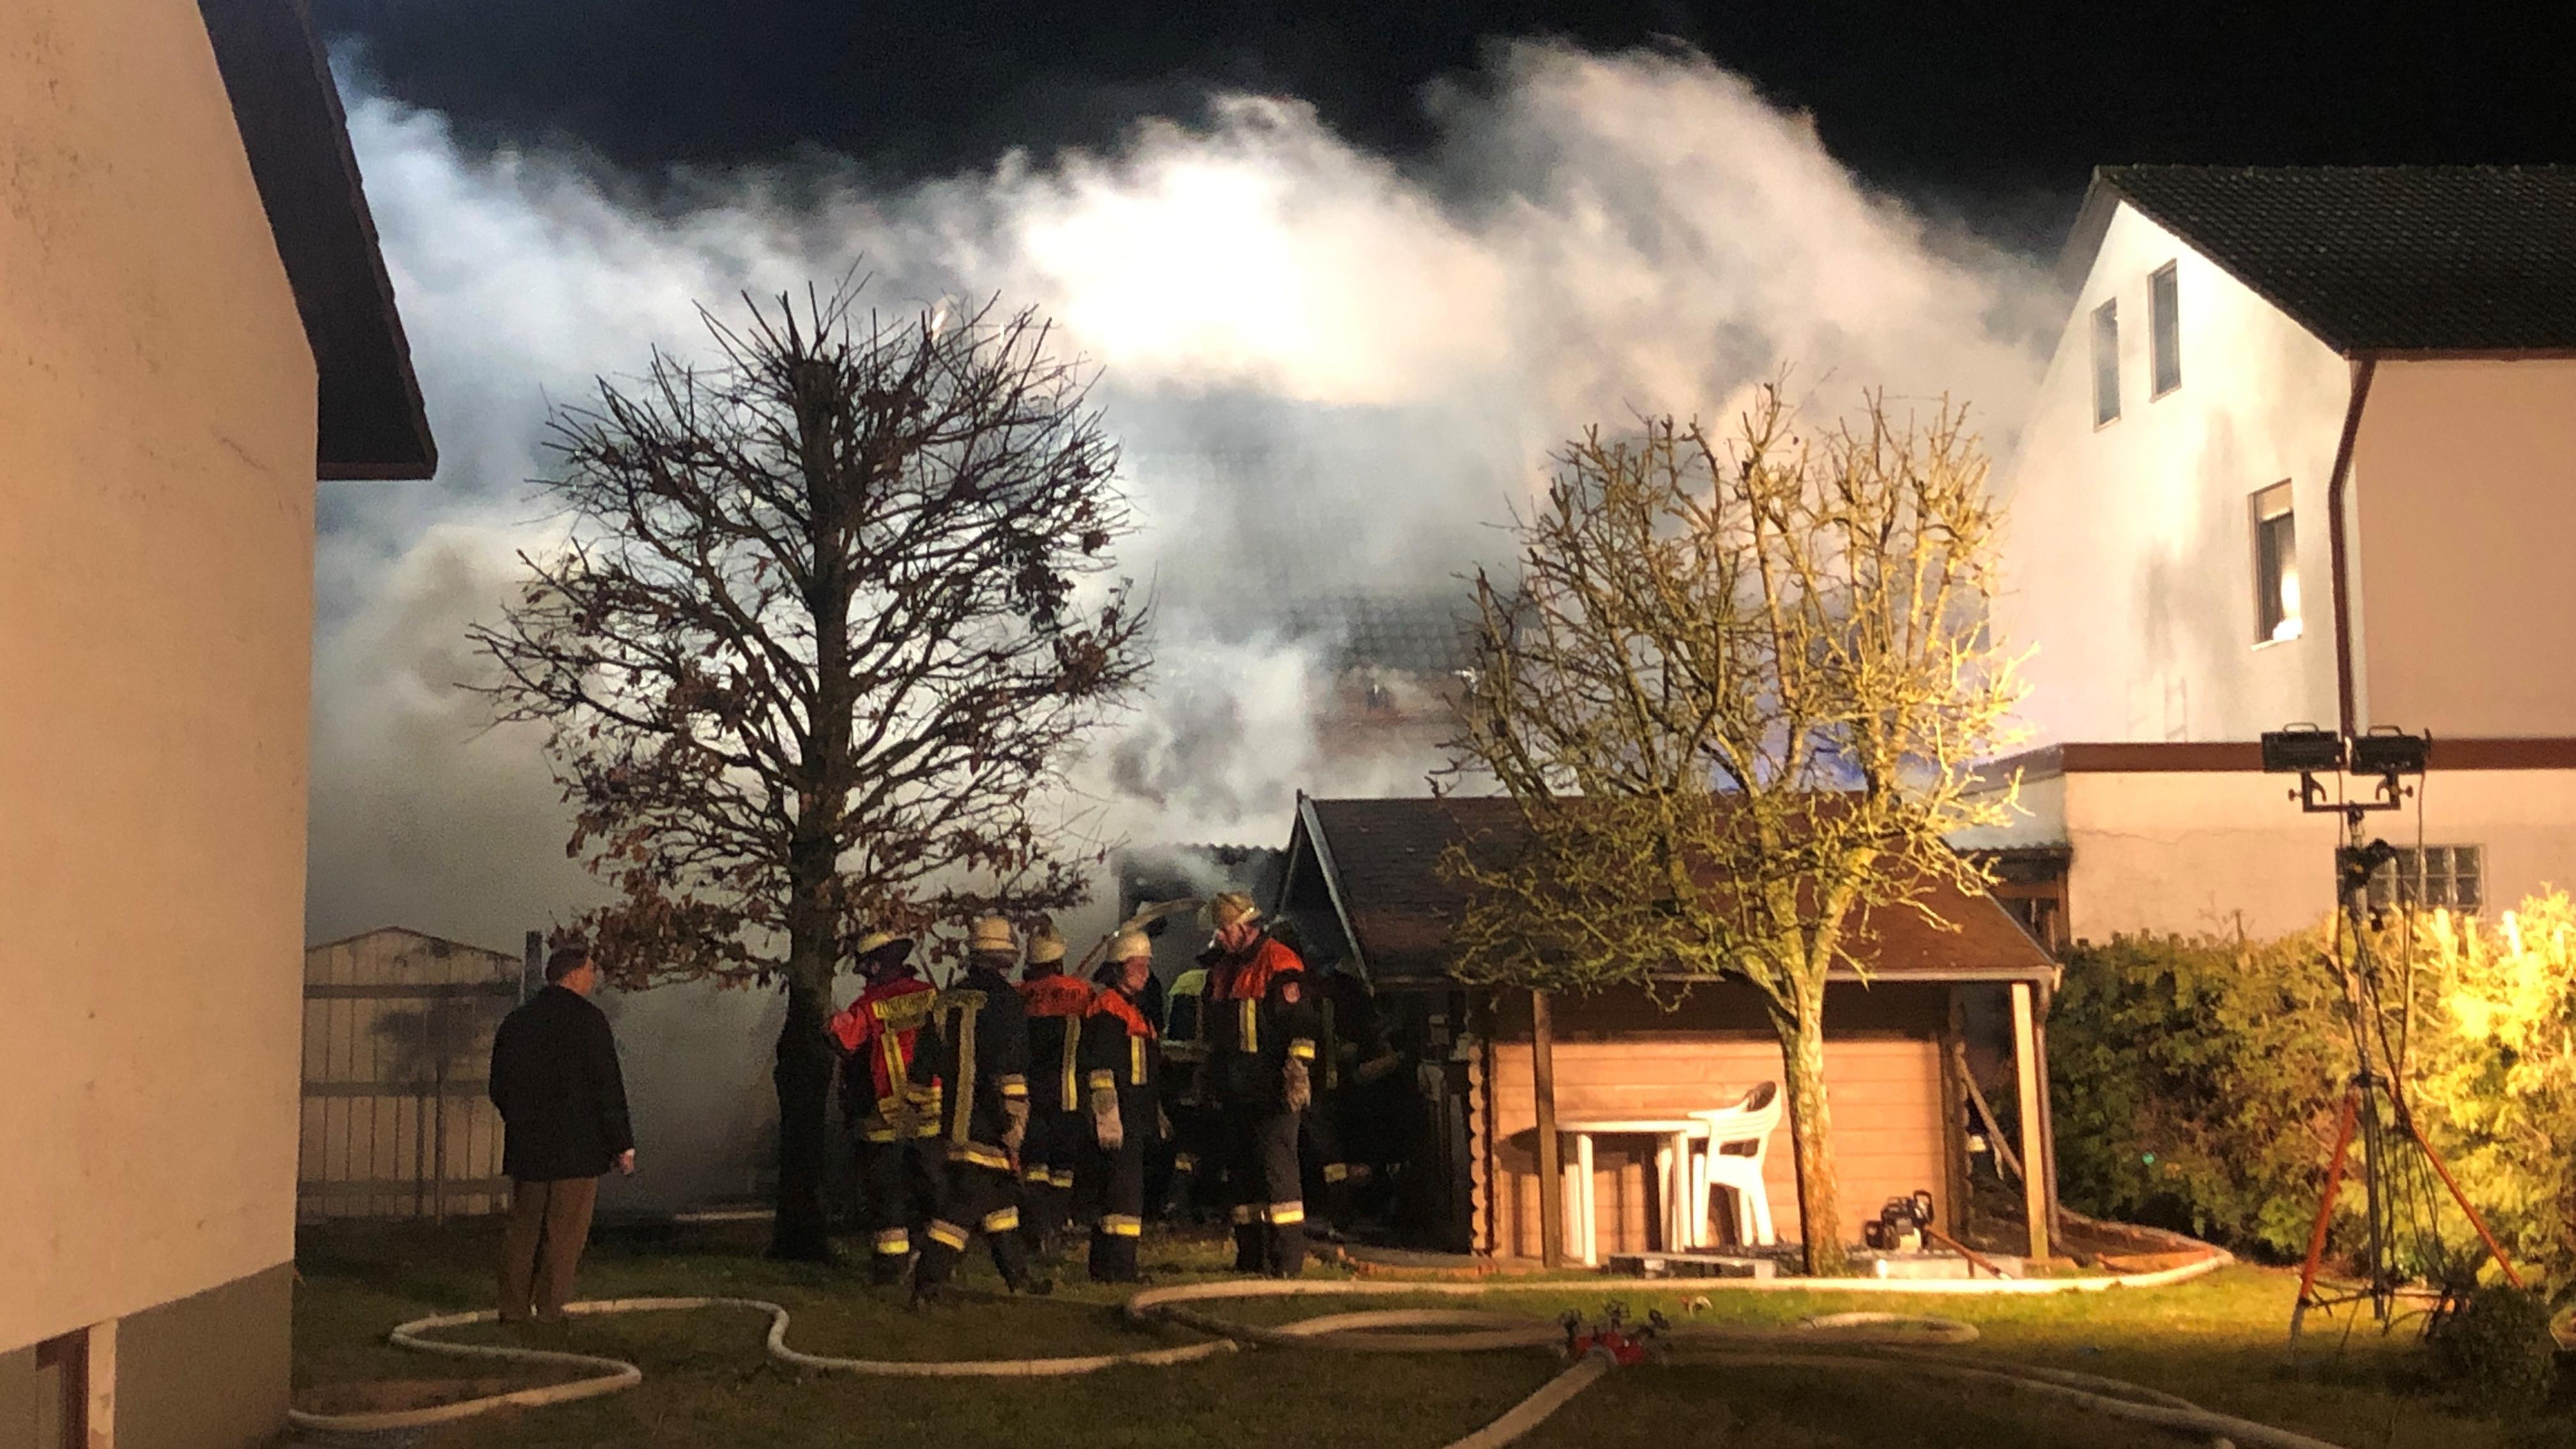 Bei einem Holzschuppenbrand griff das Feuer auch auf das Wohn- und ein Nachbarhaus über. Ein Mann wurde dabei verletzt.